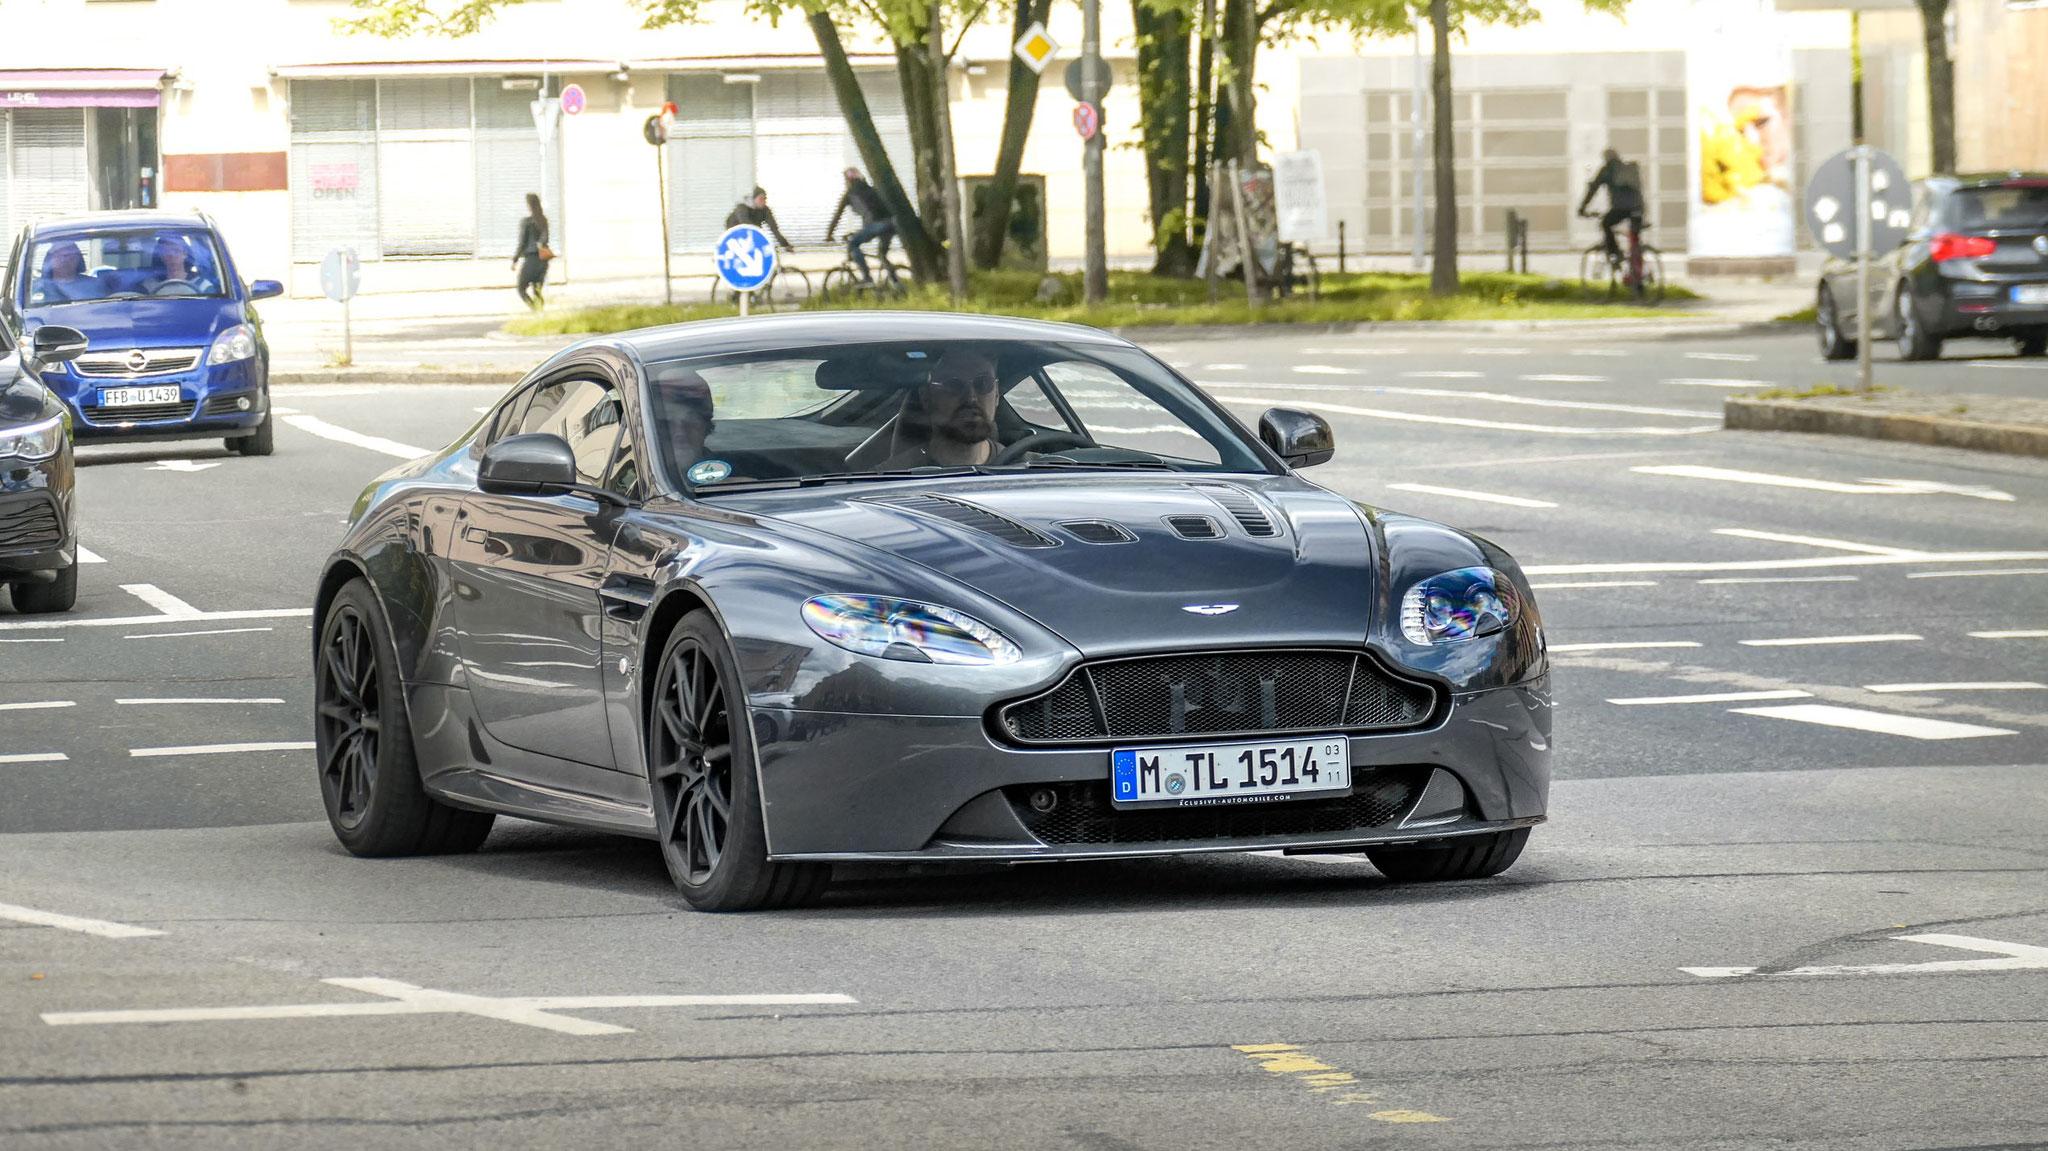 Aston Martin Vantage V12 -M-TL-1514